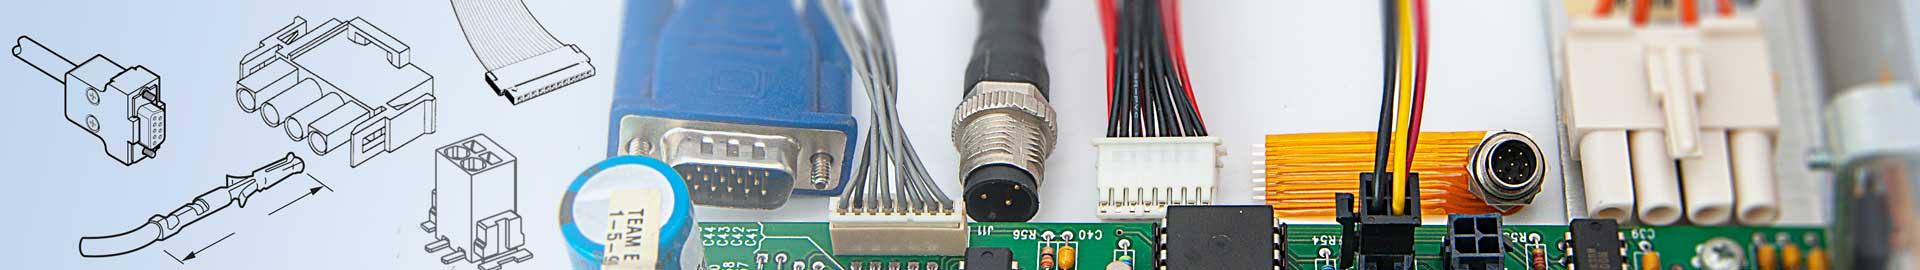 Kabelkonfektion - schnell und zuverlässig